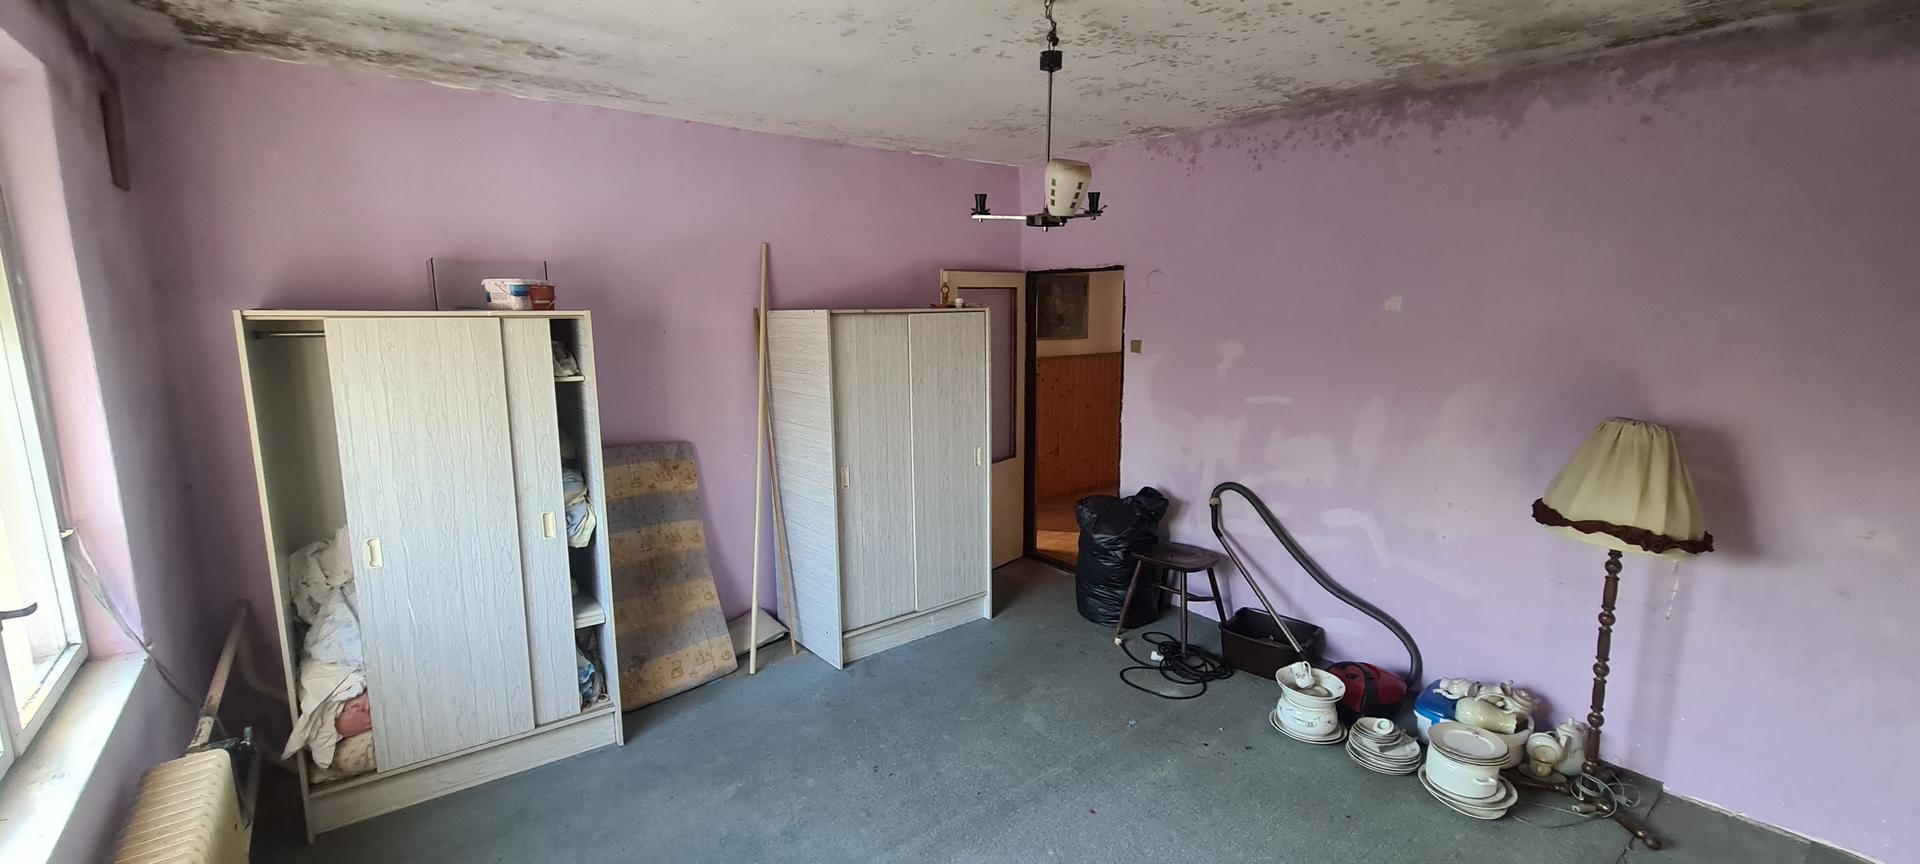 Rekonštrukcia Nášho domu - Obrázok č. 15